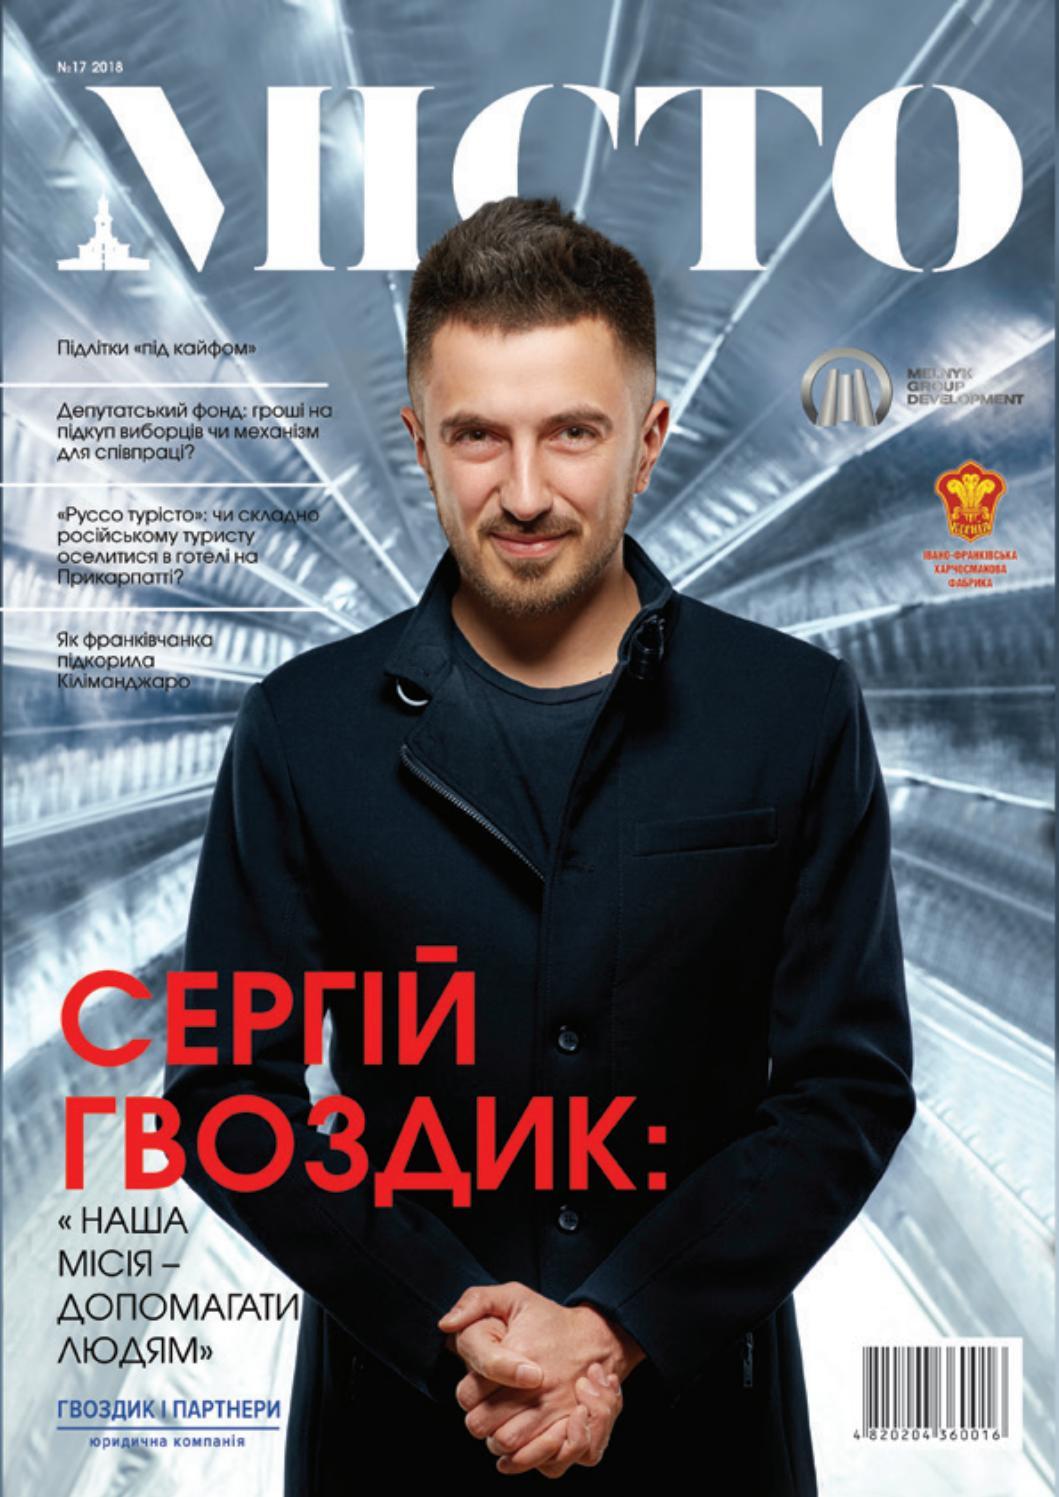 Журнал МІСТО №17 by МІСТО - issuu 29e5838e07b29